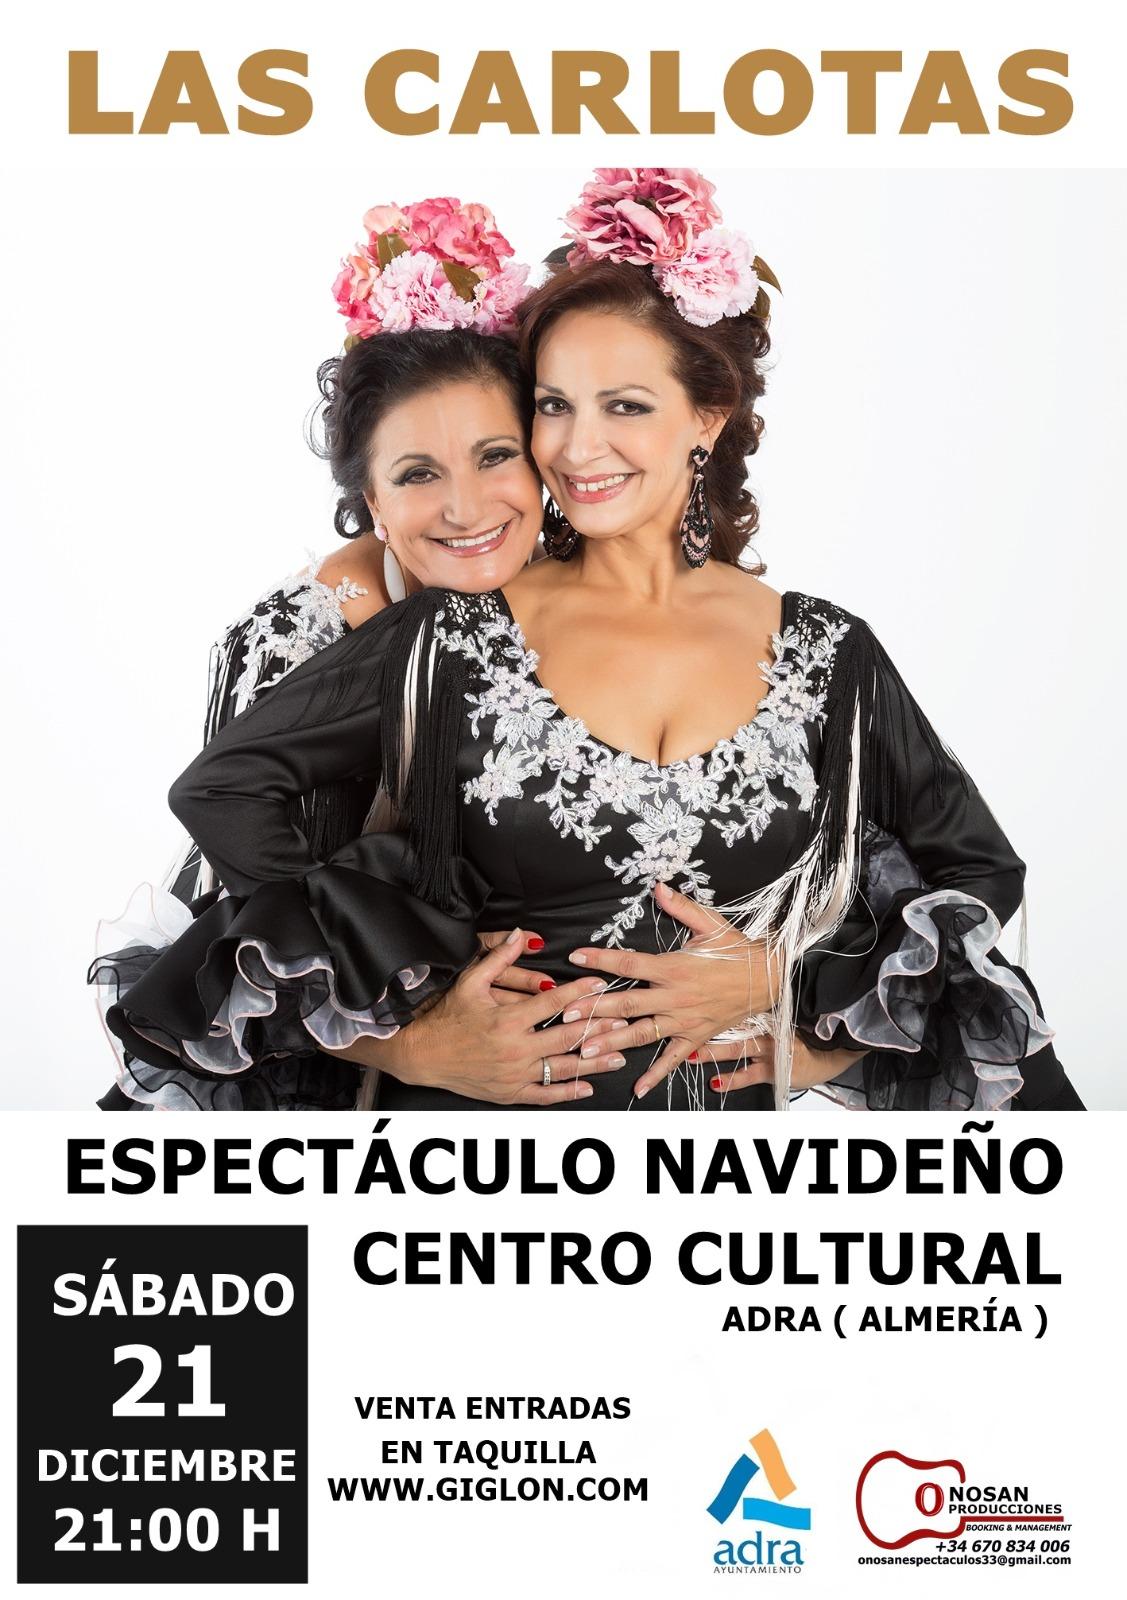 Photo of Las Carlotas celebran tres décadas sobre las tablas en el Centro Cultural de Adra el 21 de diciembre